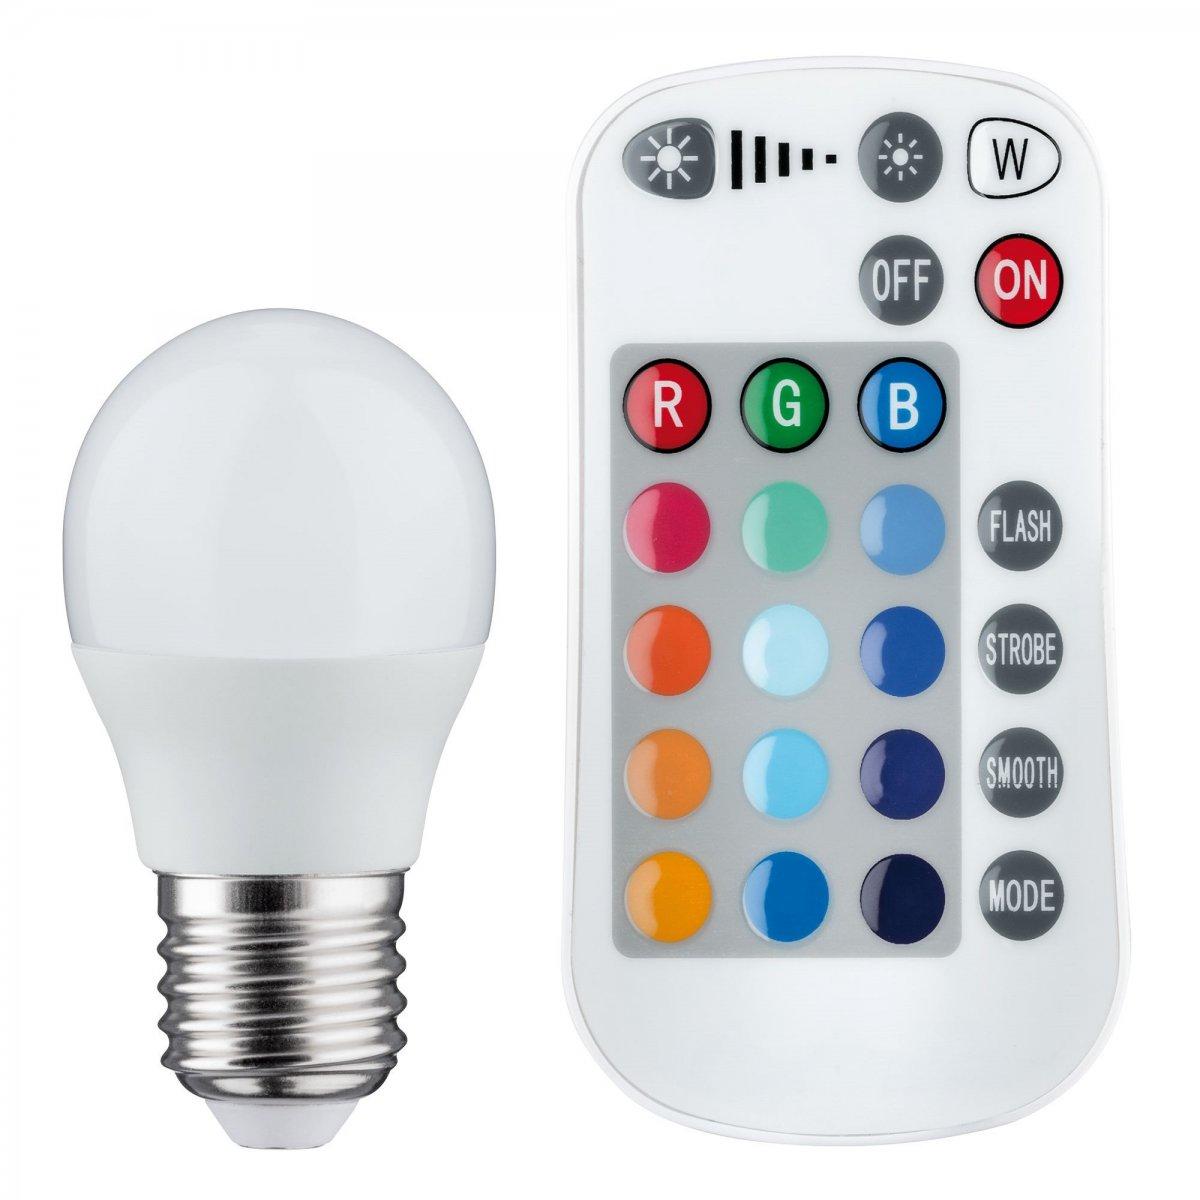 RGB LED E14 Leuchtmittel dimmbar 4 W Farbwechsel 300 Lumen Lampe FERNBEDIENUNG